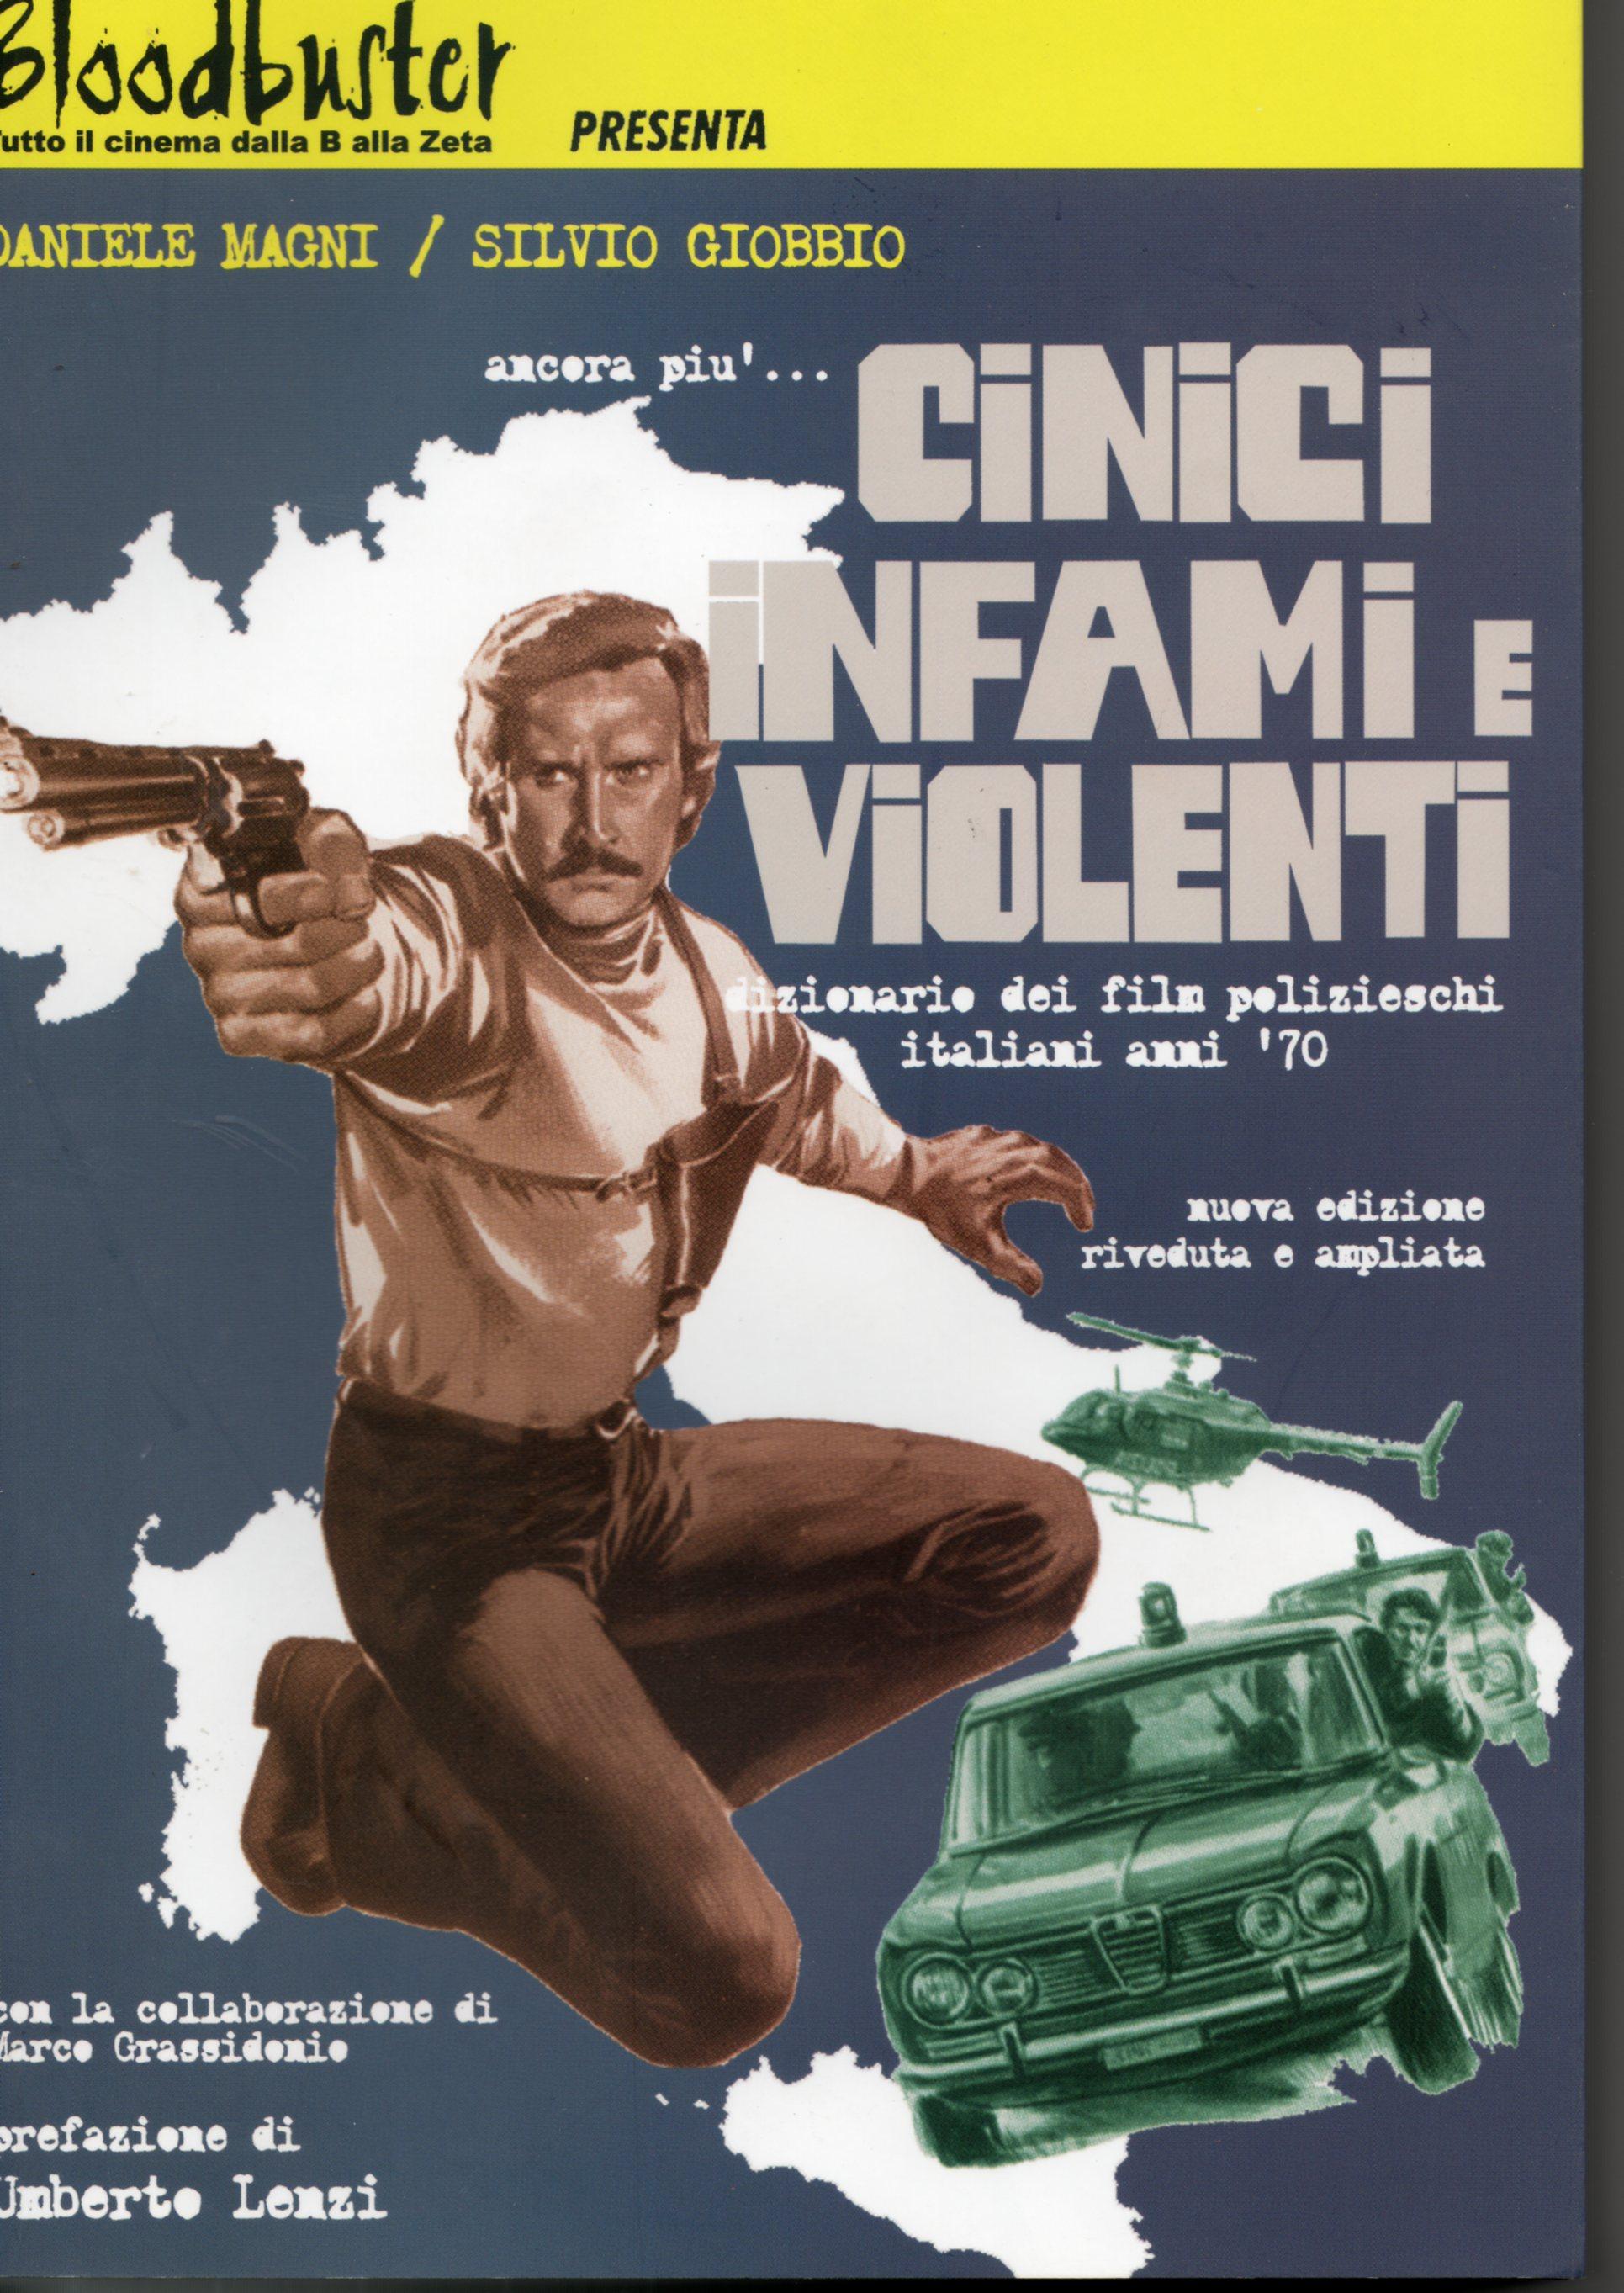 Cinici_infami_e_violenti_Daniele_Magni_Bloodbuster